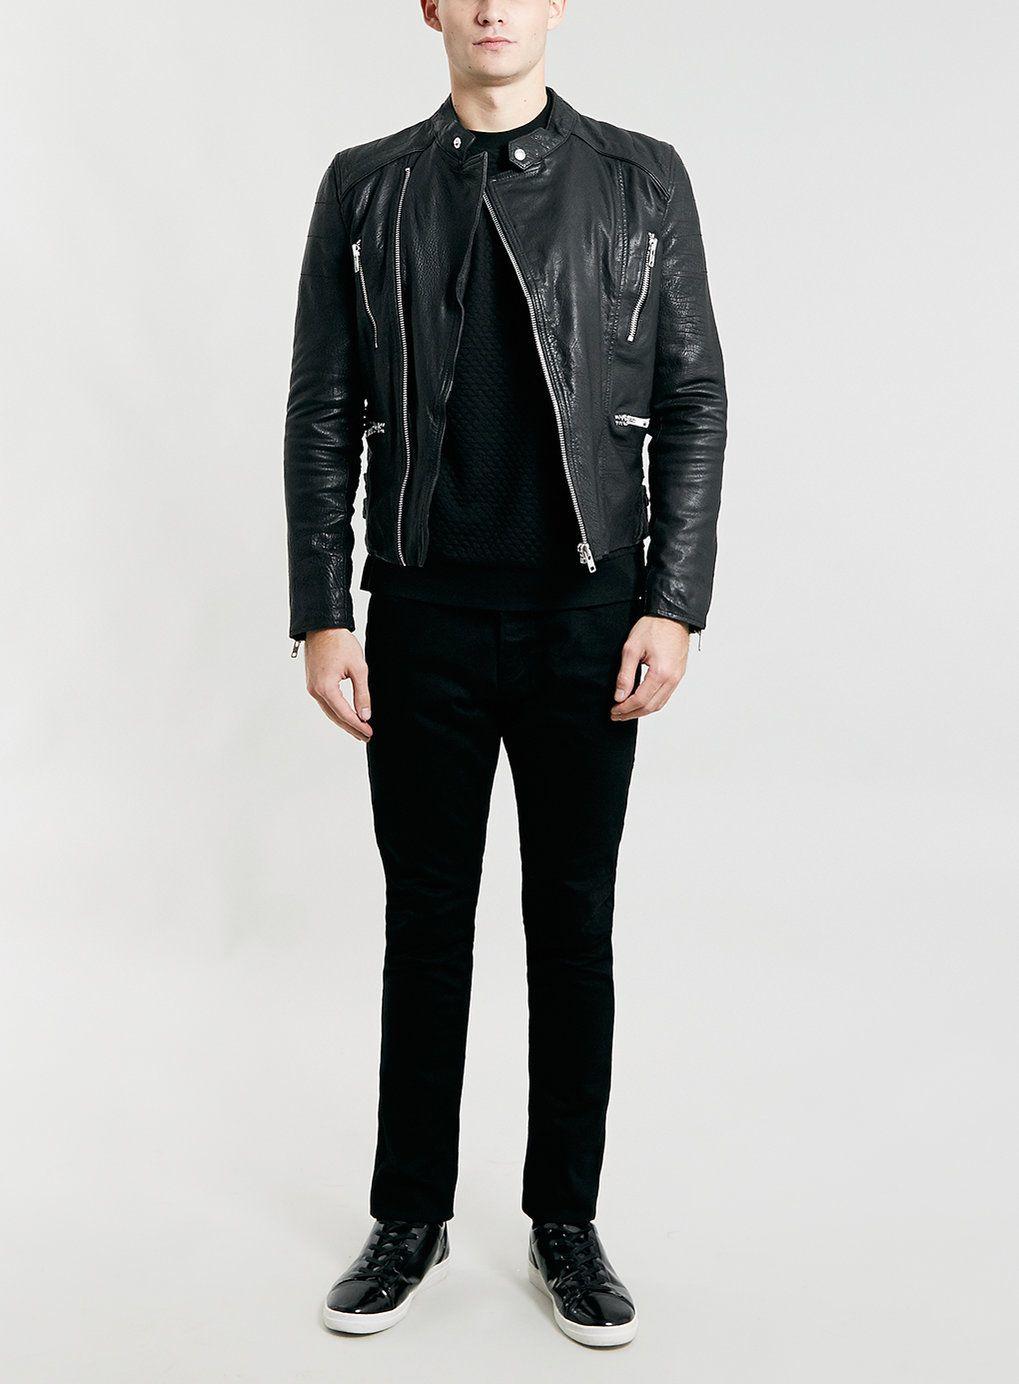 TOPMAN Denim Double Knee Rip Stretch Skinny Jean in Black for Men